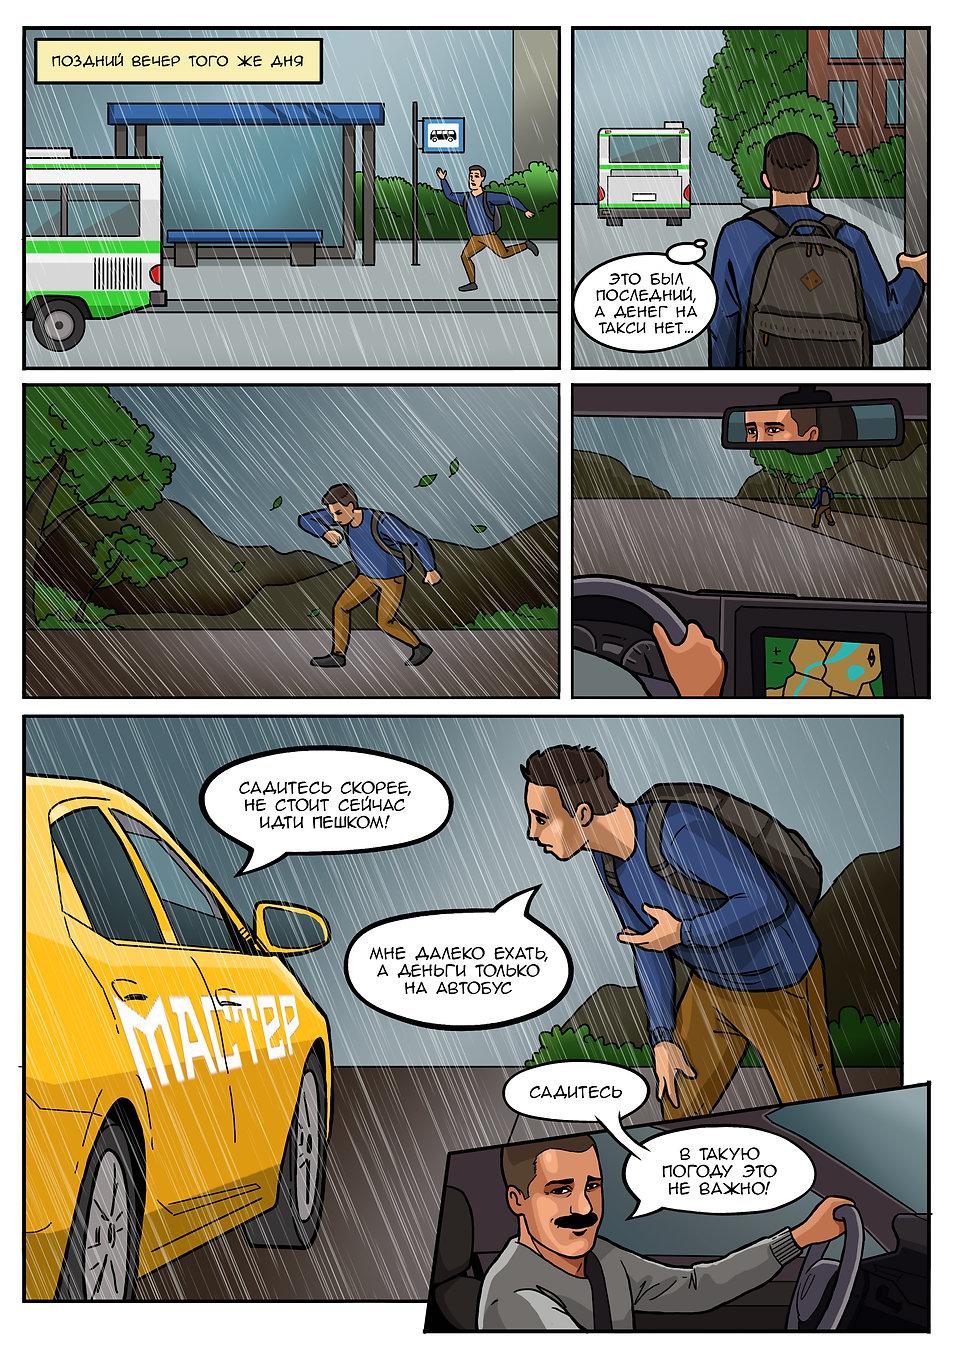 Комикс для рекламы. Такси Мастер. с3